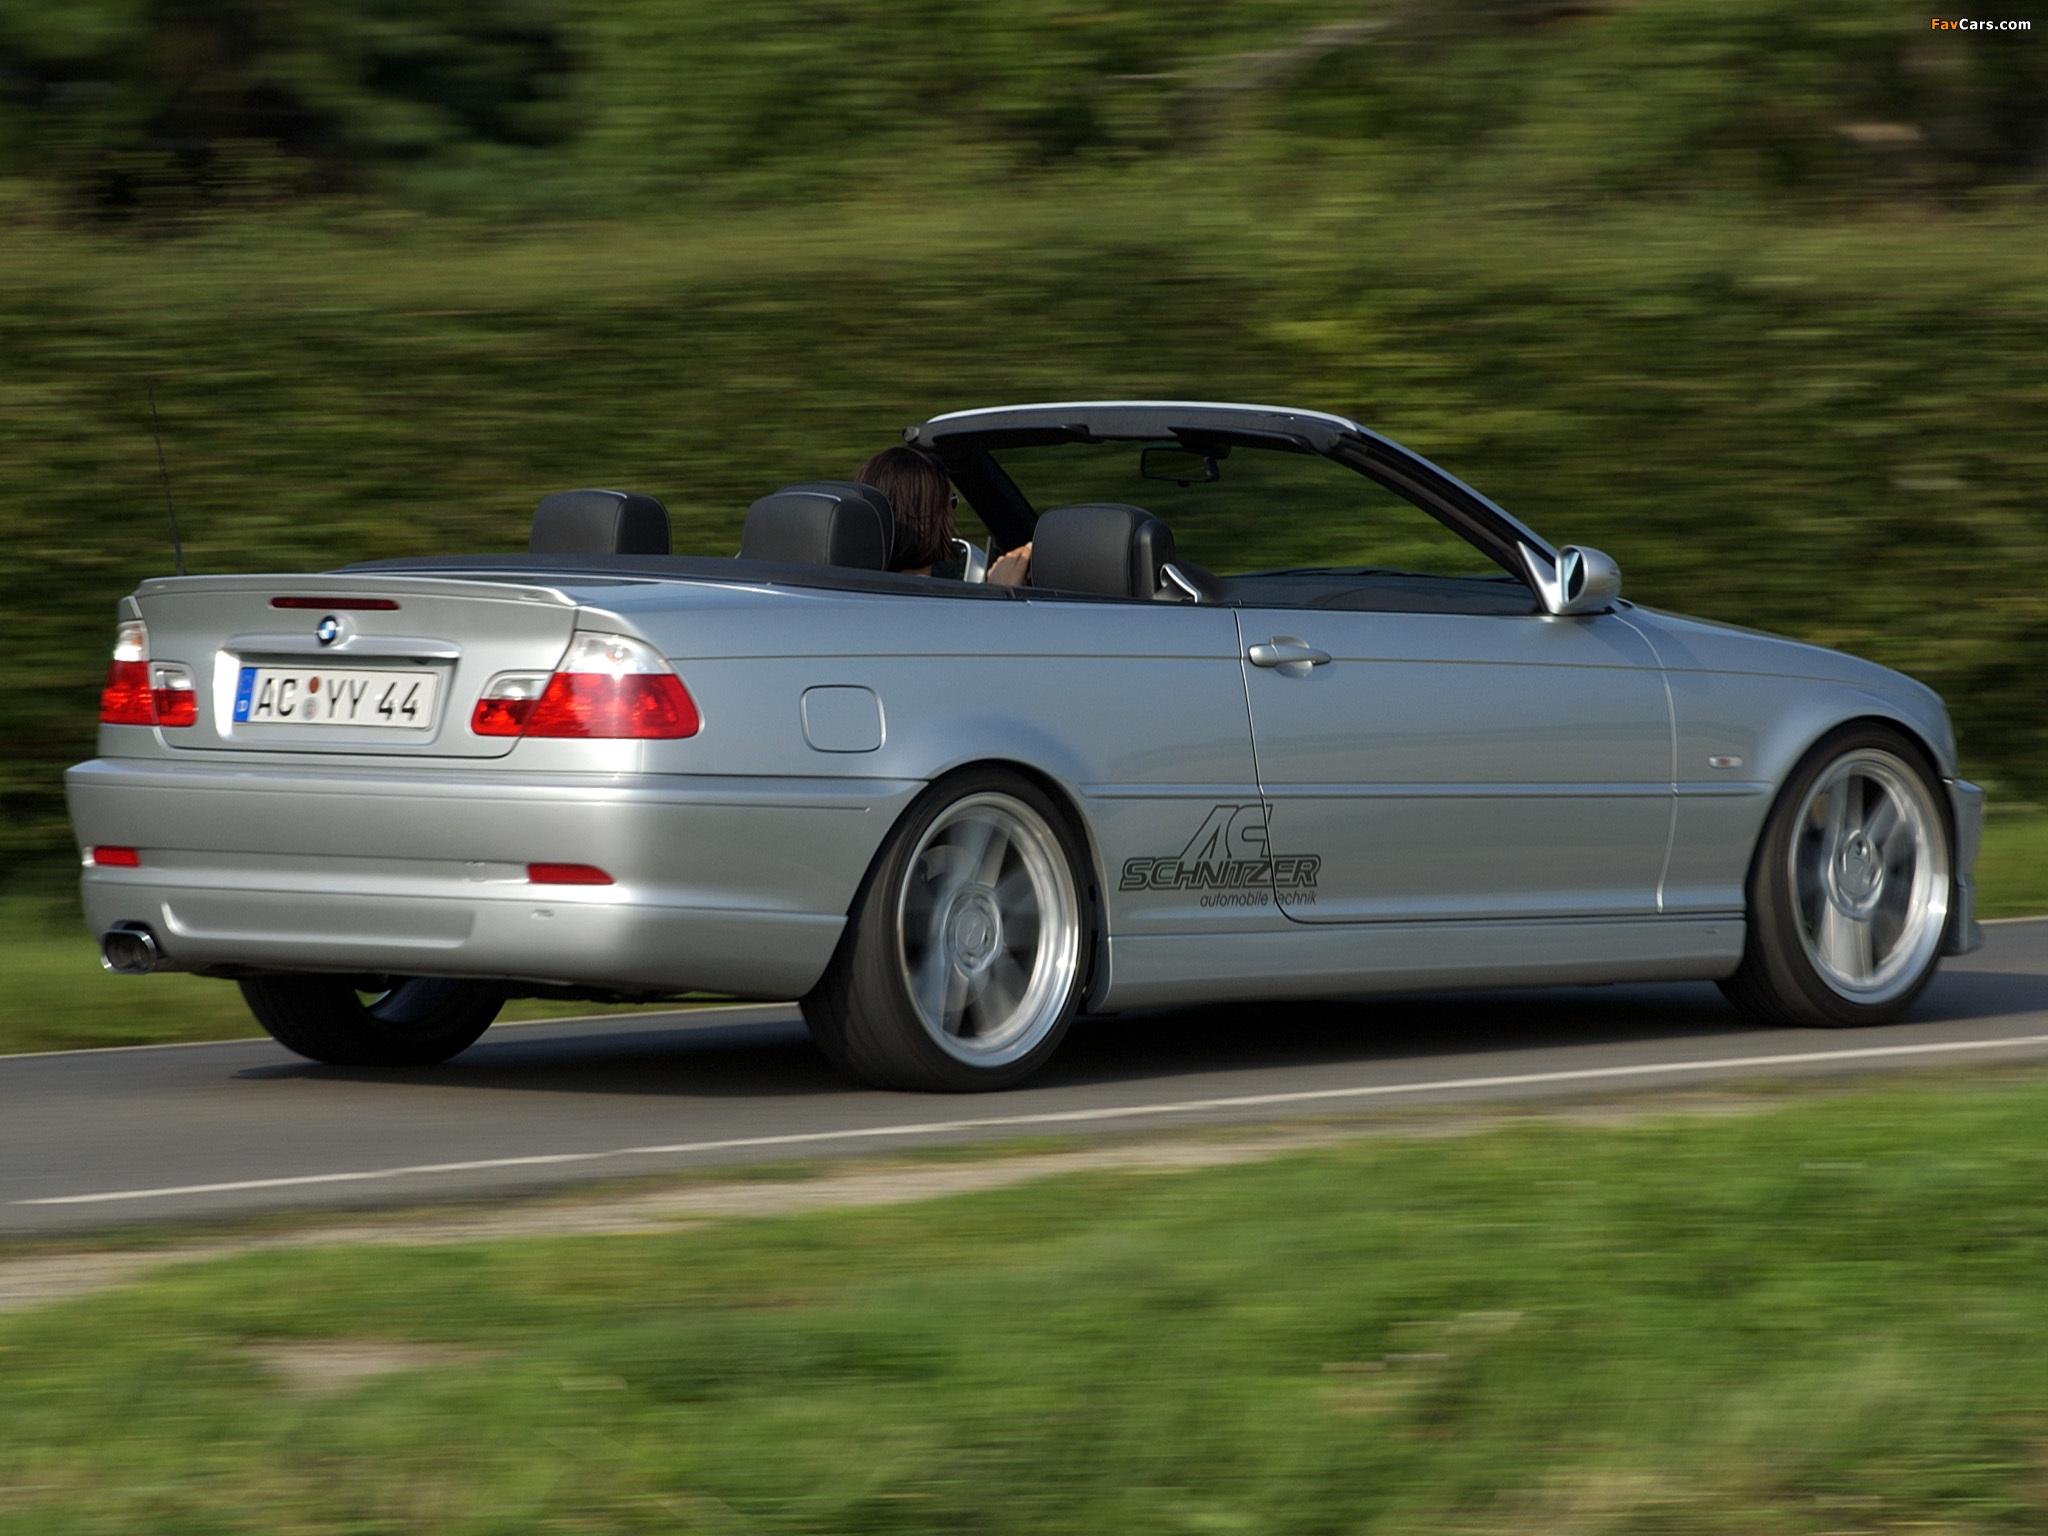 BMW e46 кабриолет без смс